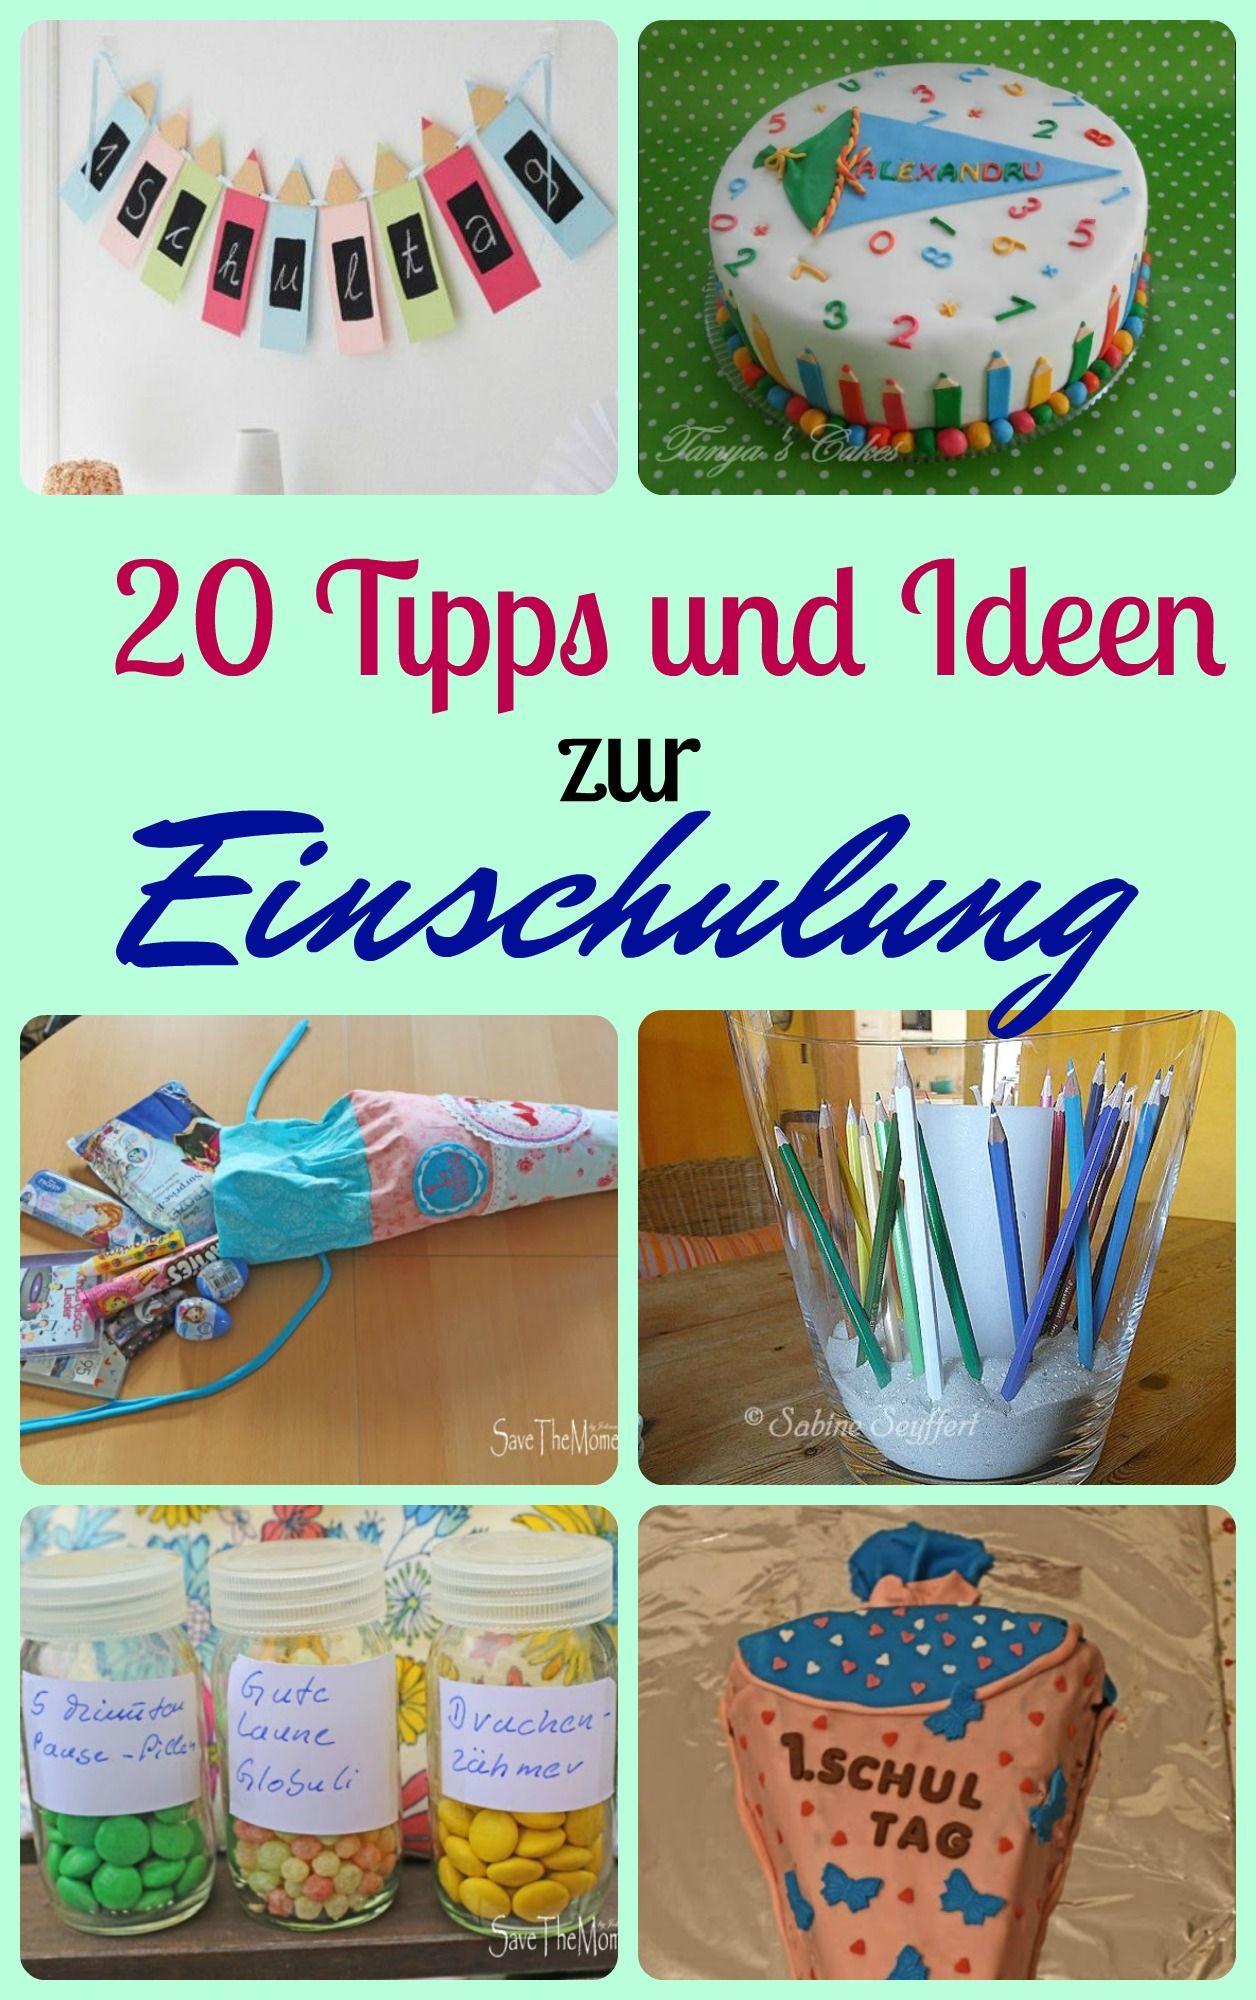 20 Tipps Und Ideen Zur Einschulung Schultuten School